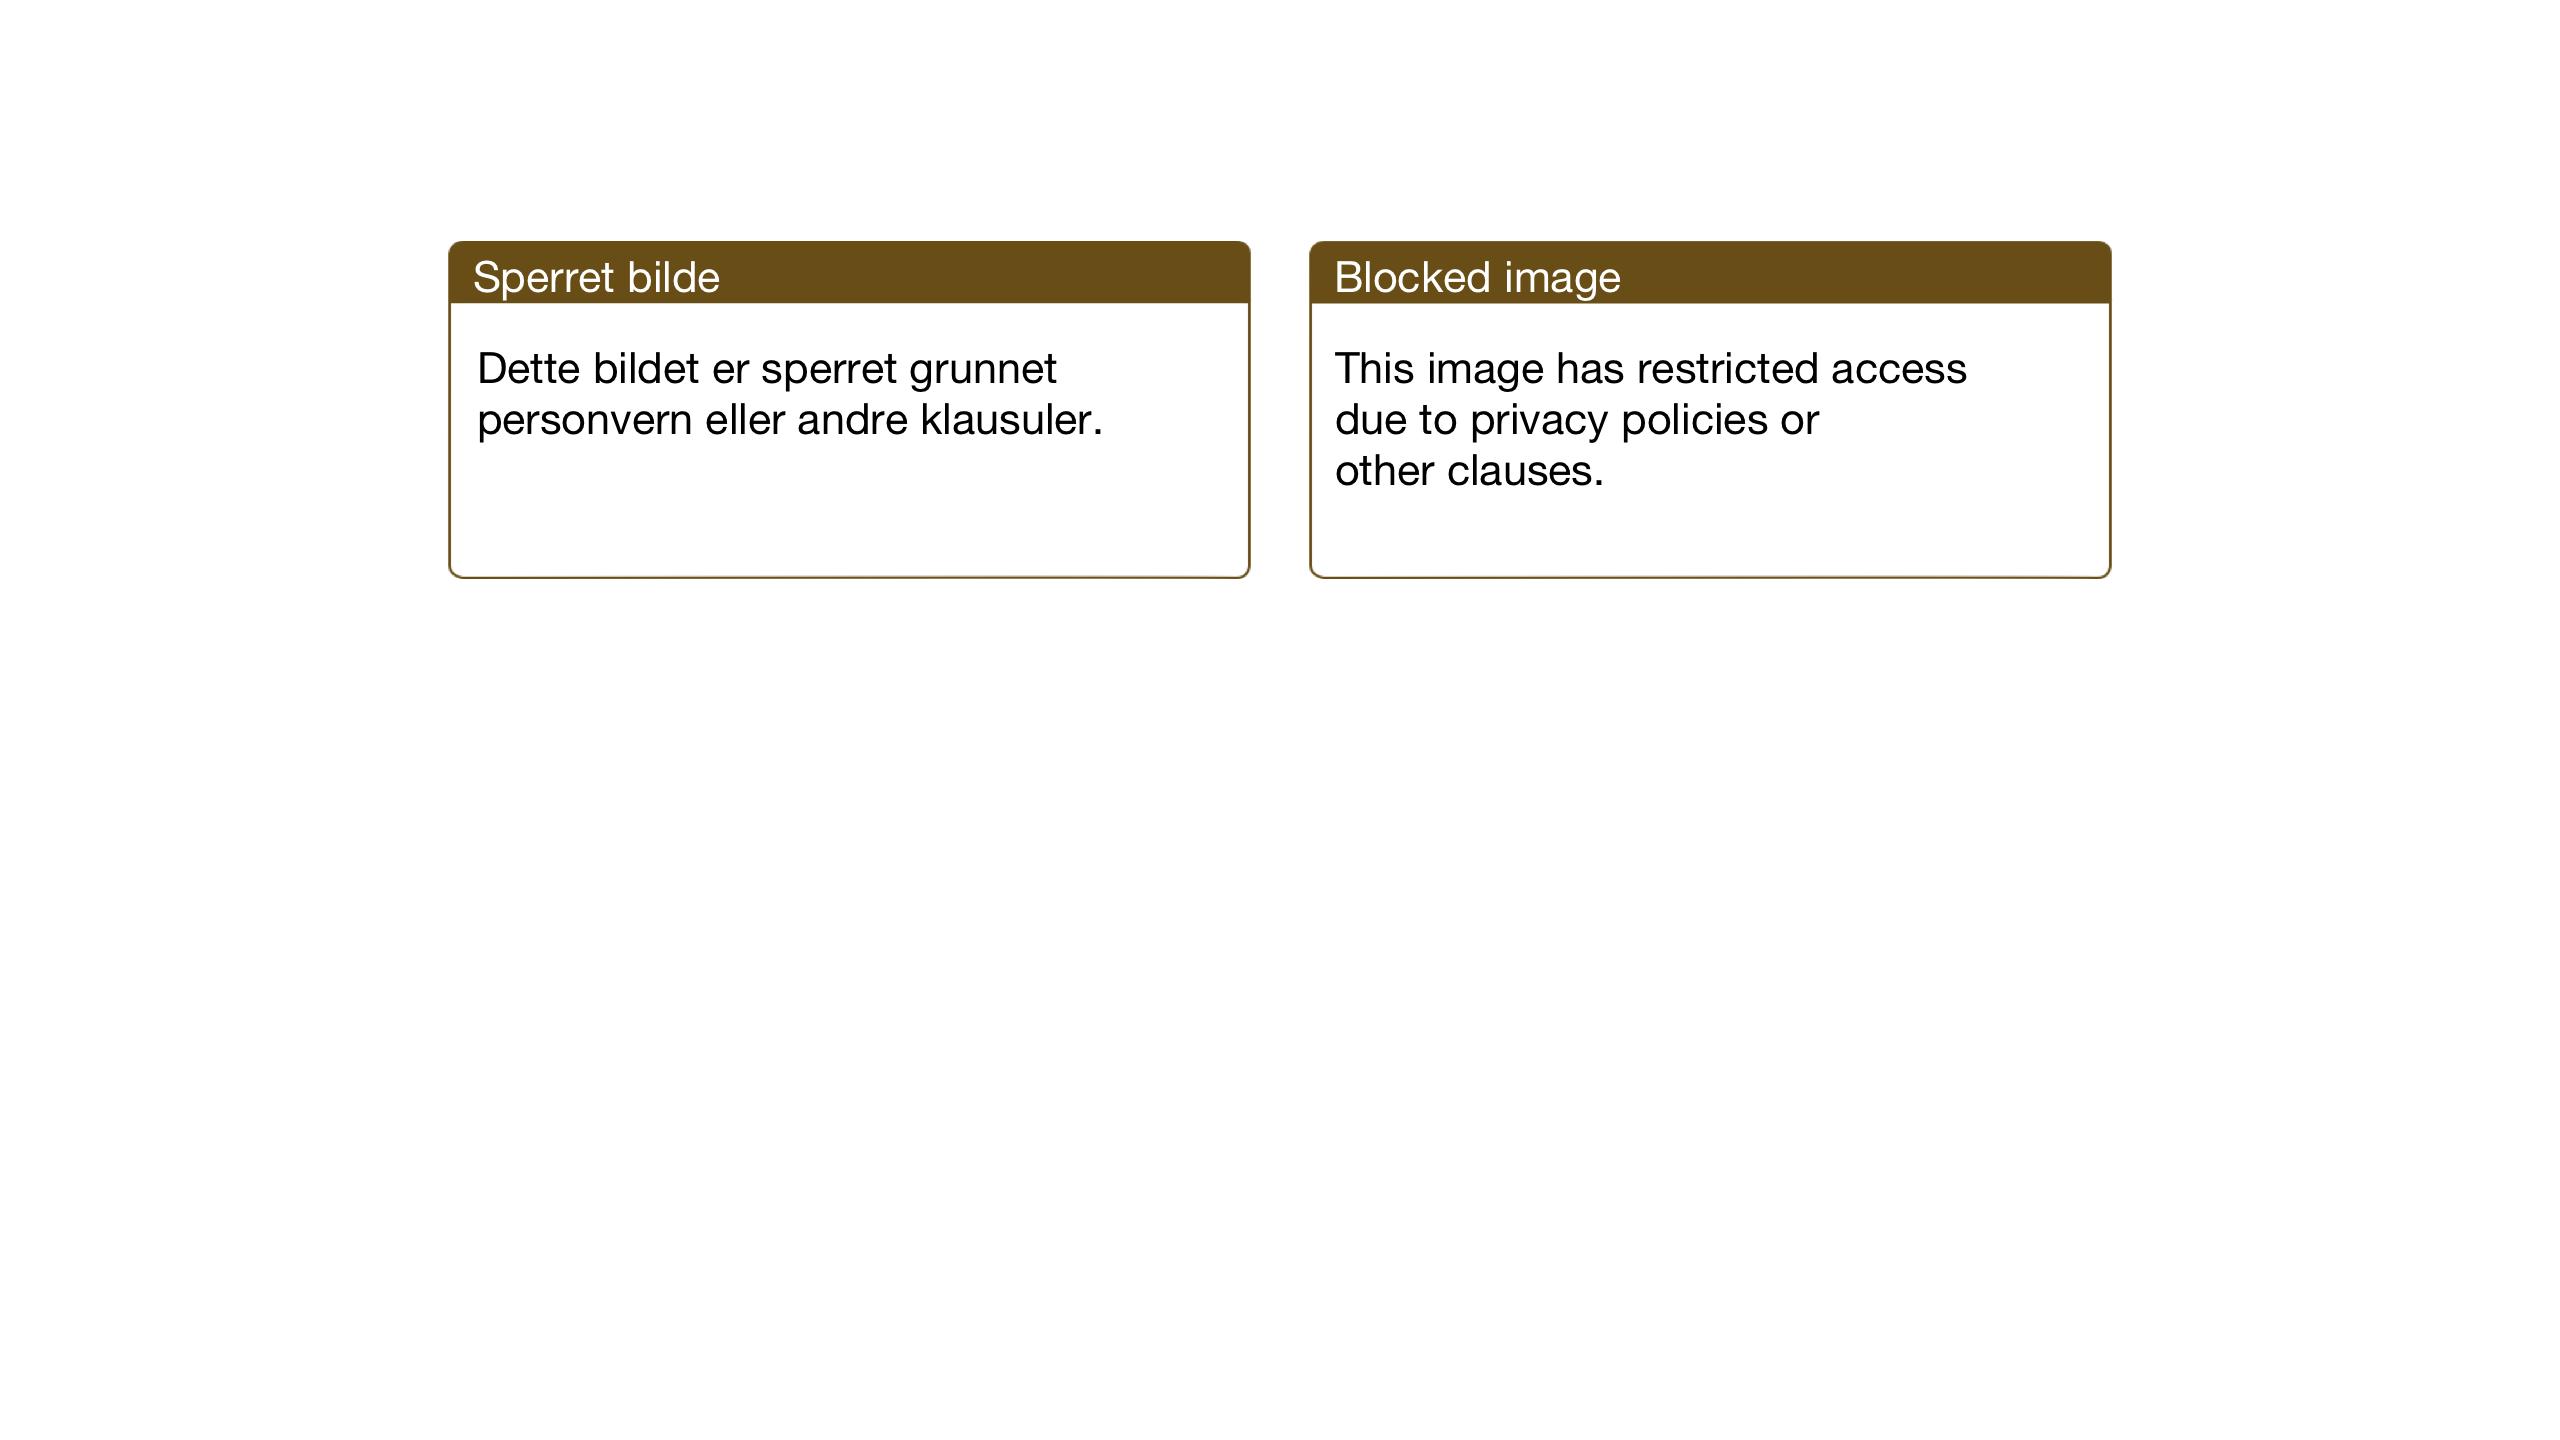 SAT, Ministerialprotokoller, klokkerbøker og fødselsregistre - Sør-Trøndelag, 604/L0227: Klokkerbok nr. 604C10, 1923-1942, s. 74